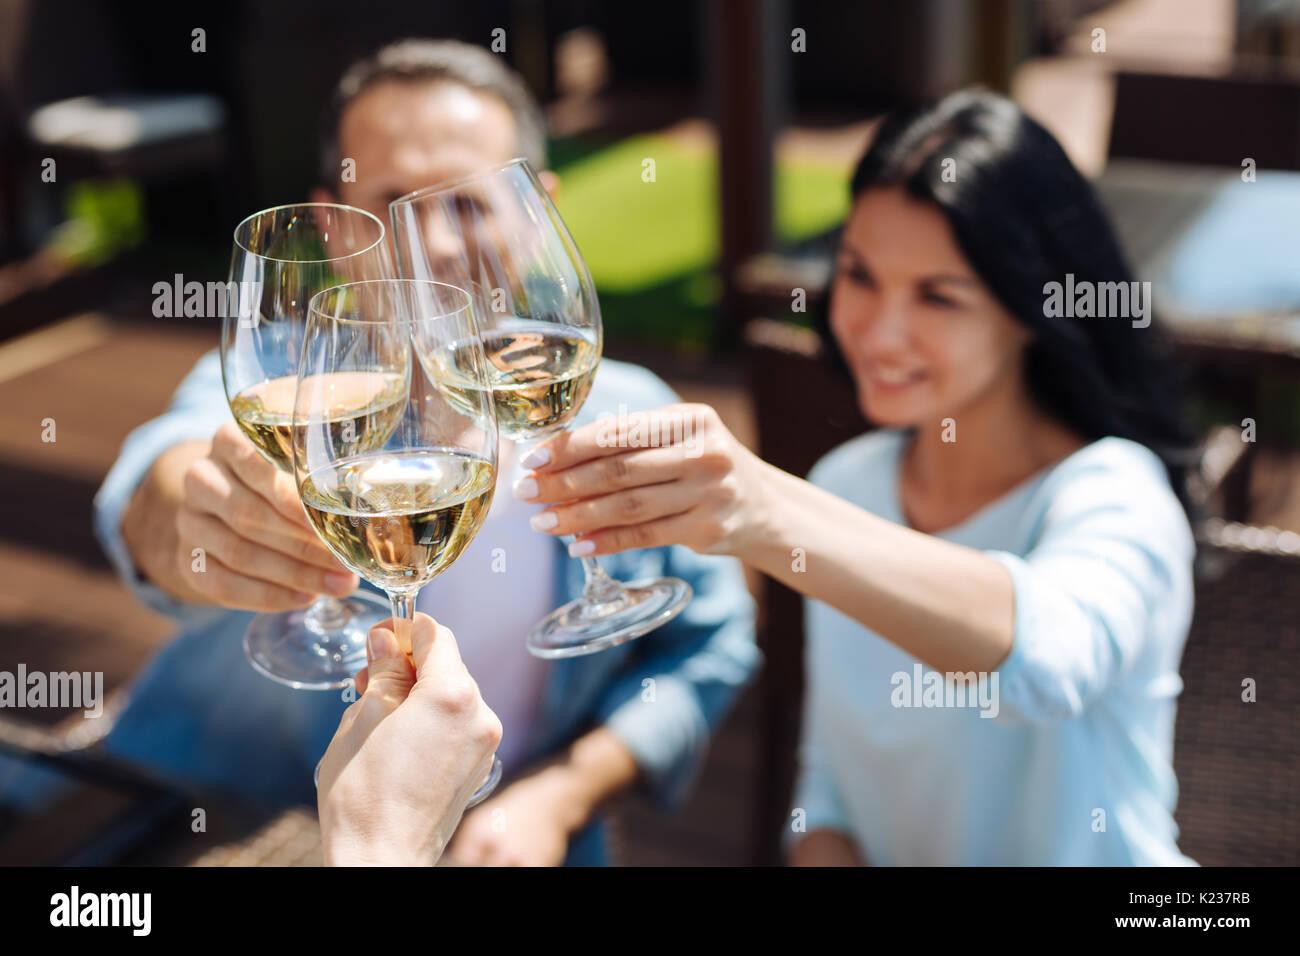 Focus sélectif des verres remplis de vin Photo Stock